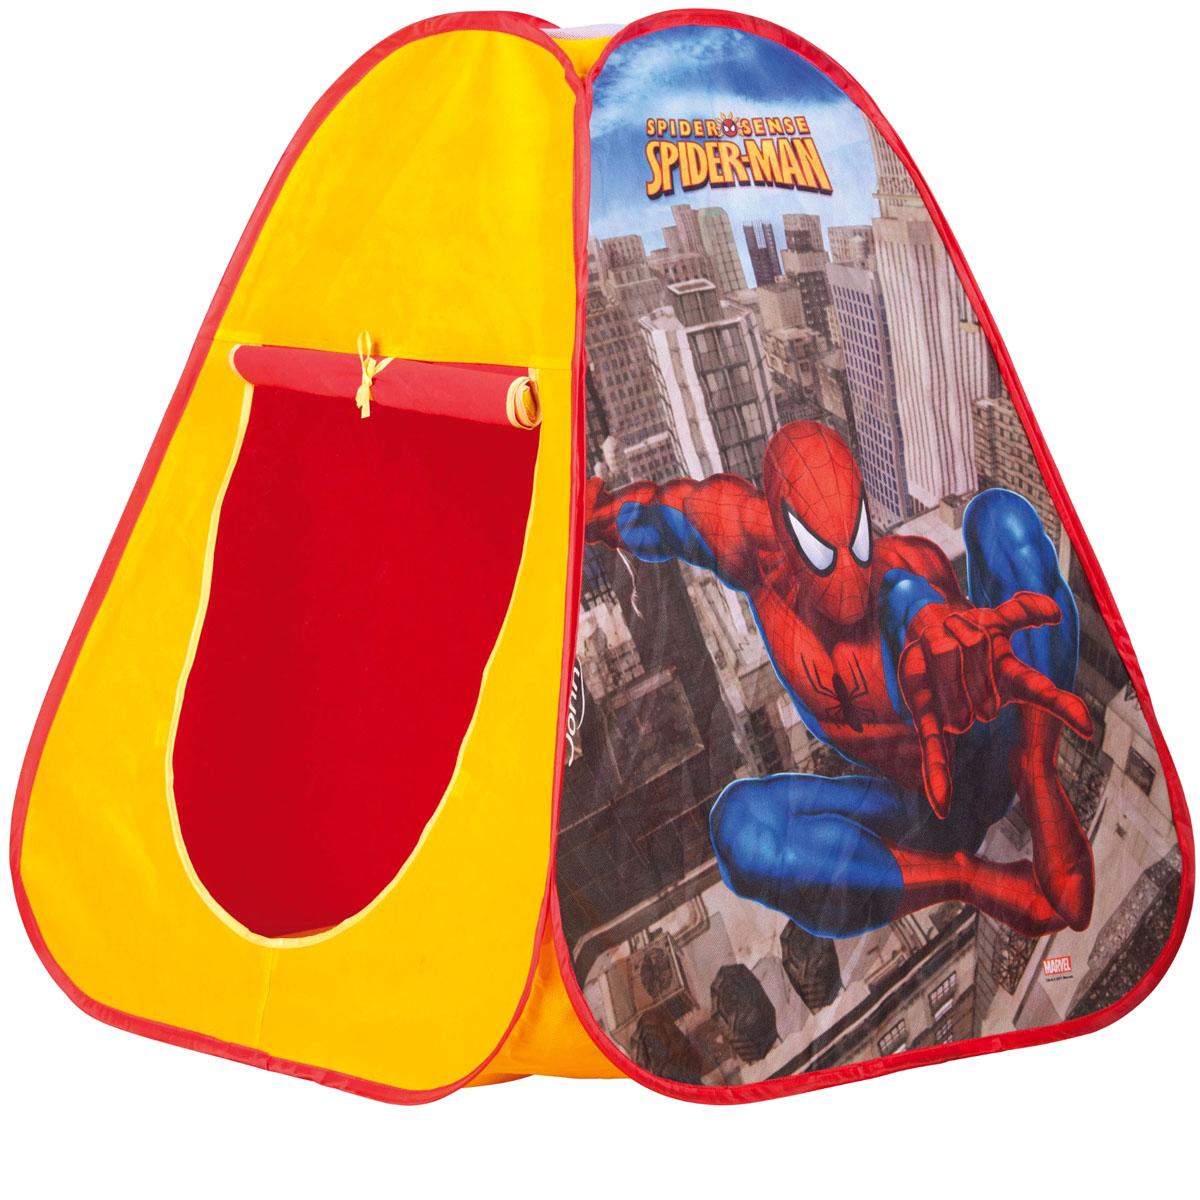 Палатка «Человек паук»Игровые домики, горки и песочницы<br>Палатка «Человек паук»<br>